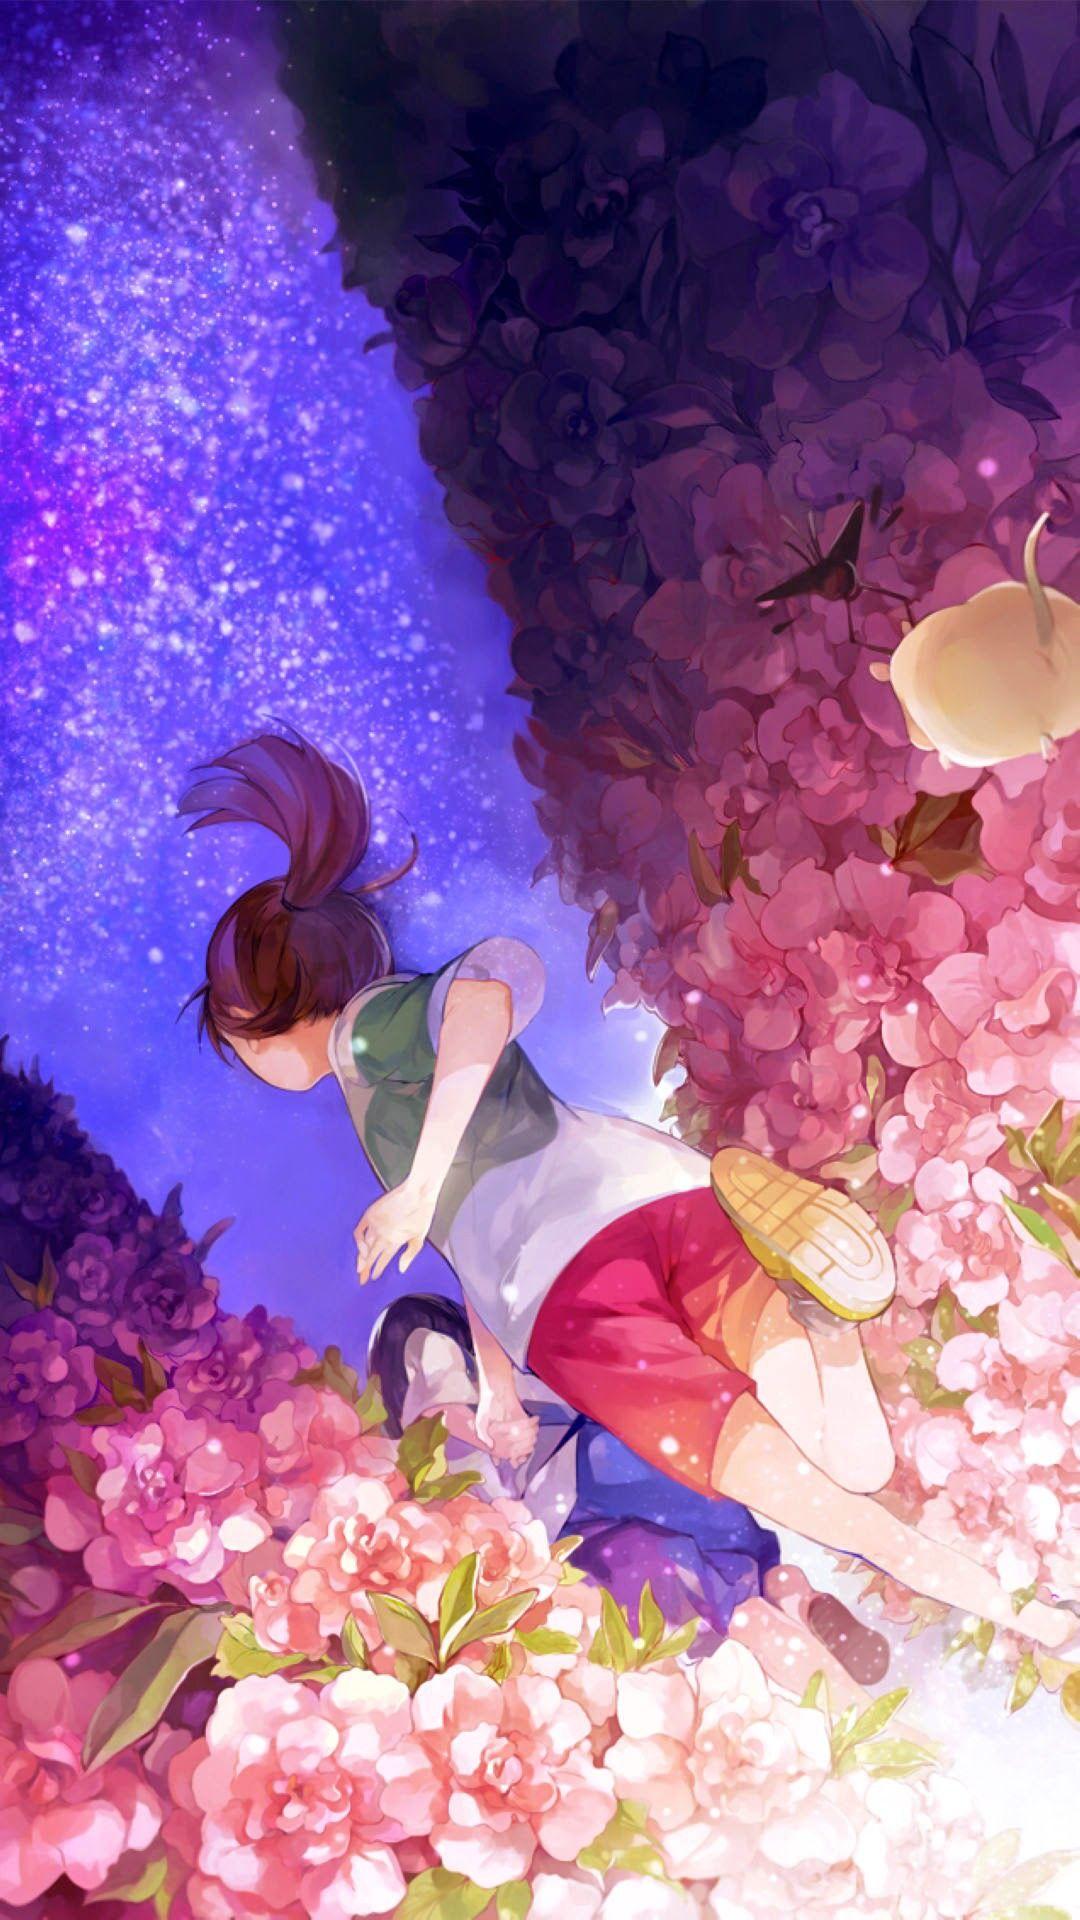 ハクと千尋 Haku Chihiro ジブリ イラスト 幻想的なイラスト イラスト 綺麗